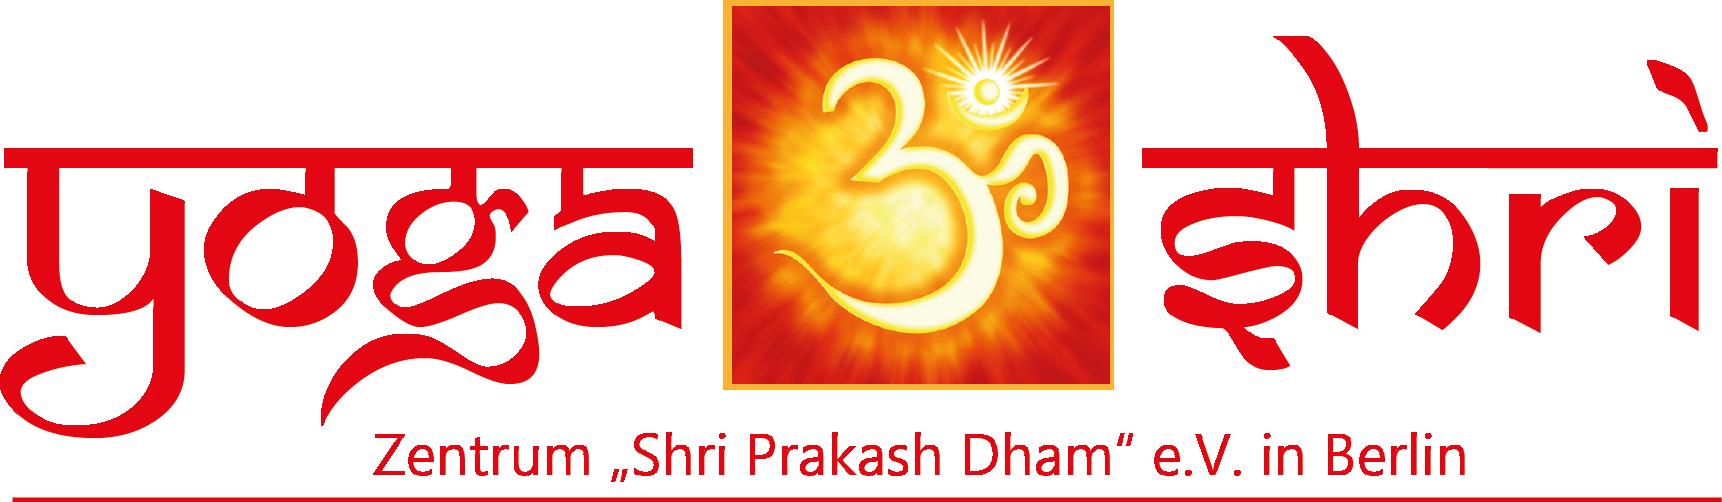 Yoga Shri